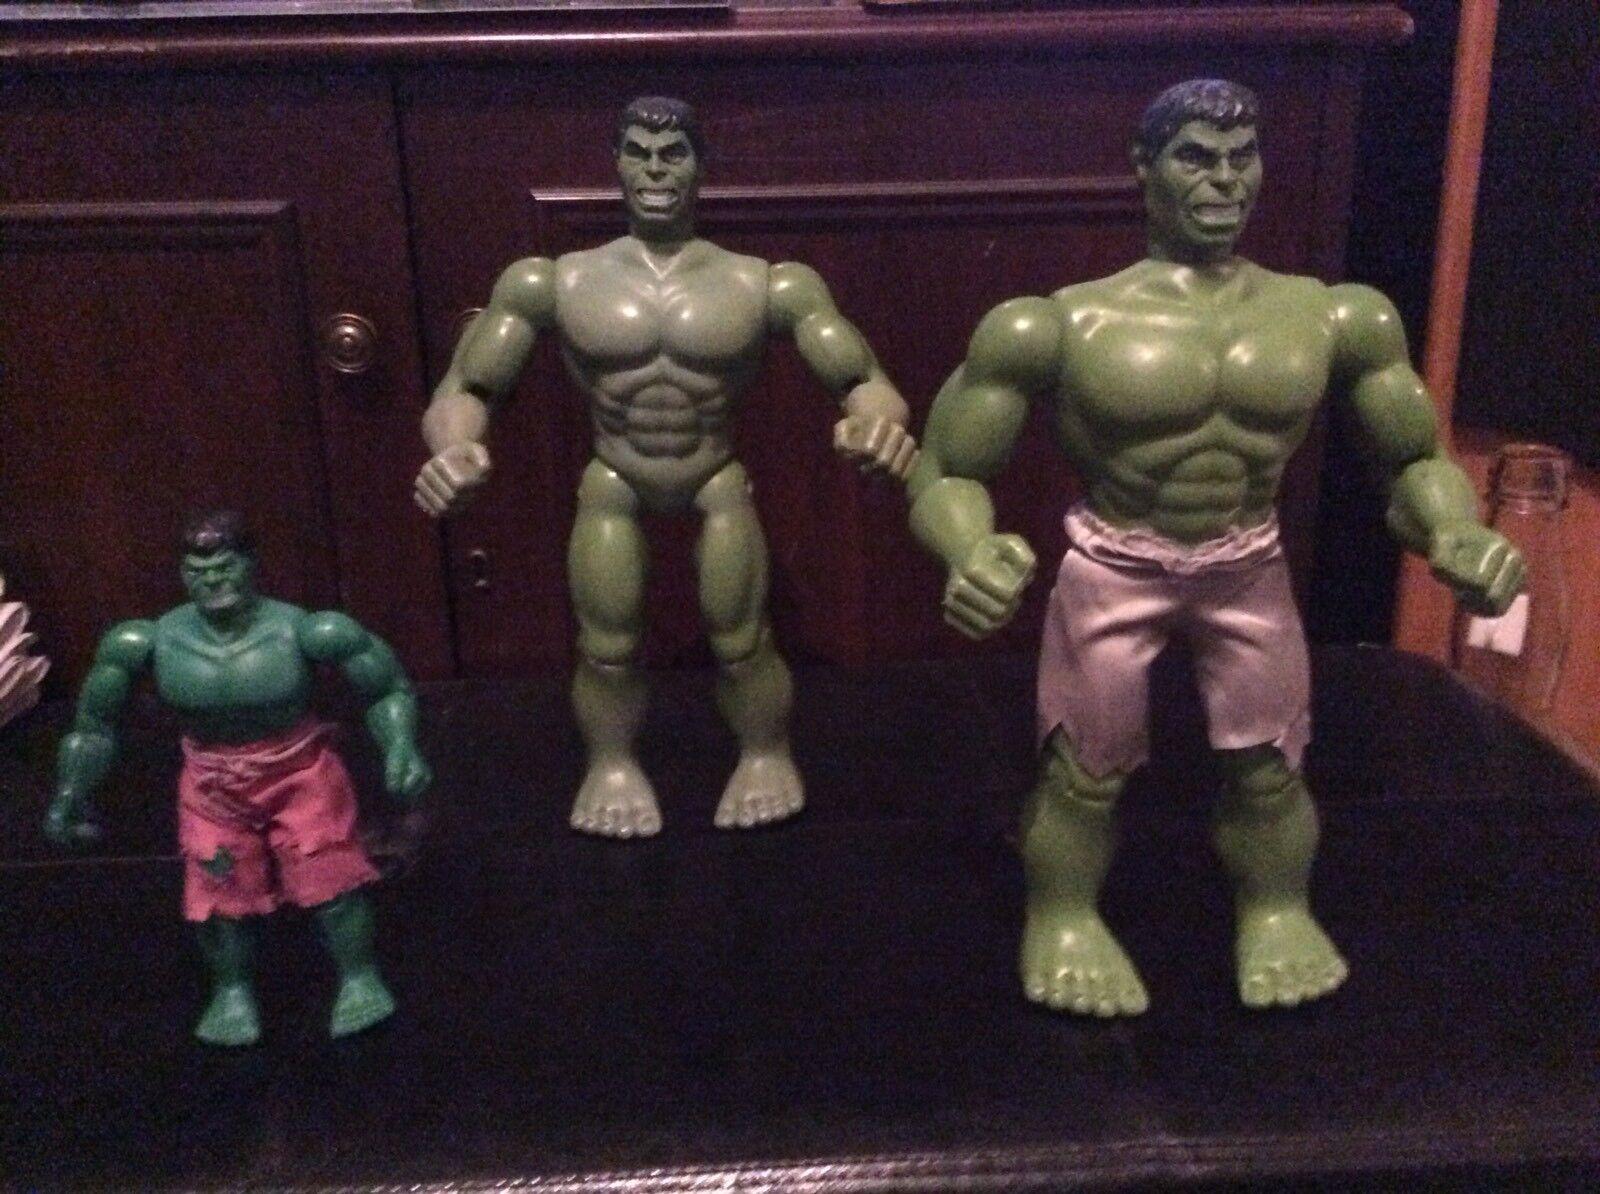 Con precio barato para obtener la mejor marca. Vintage Vintage Vintage Incredible Hulk Figuras 2018/79 Three  envío rápido en todo el mundo